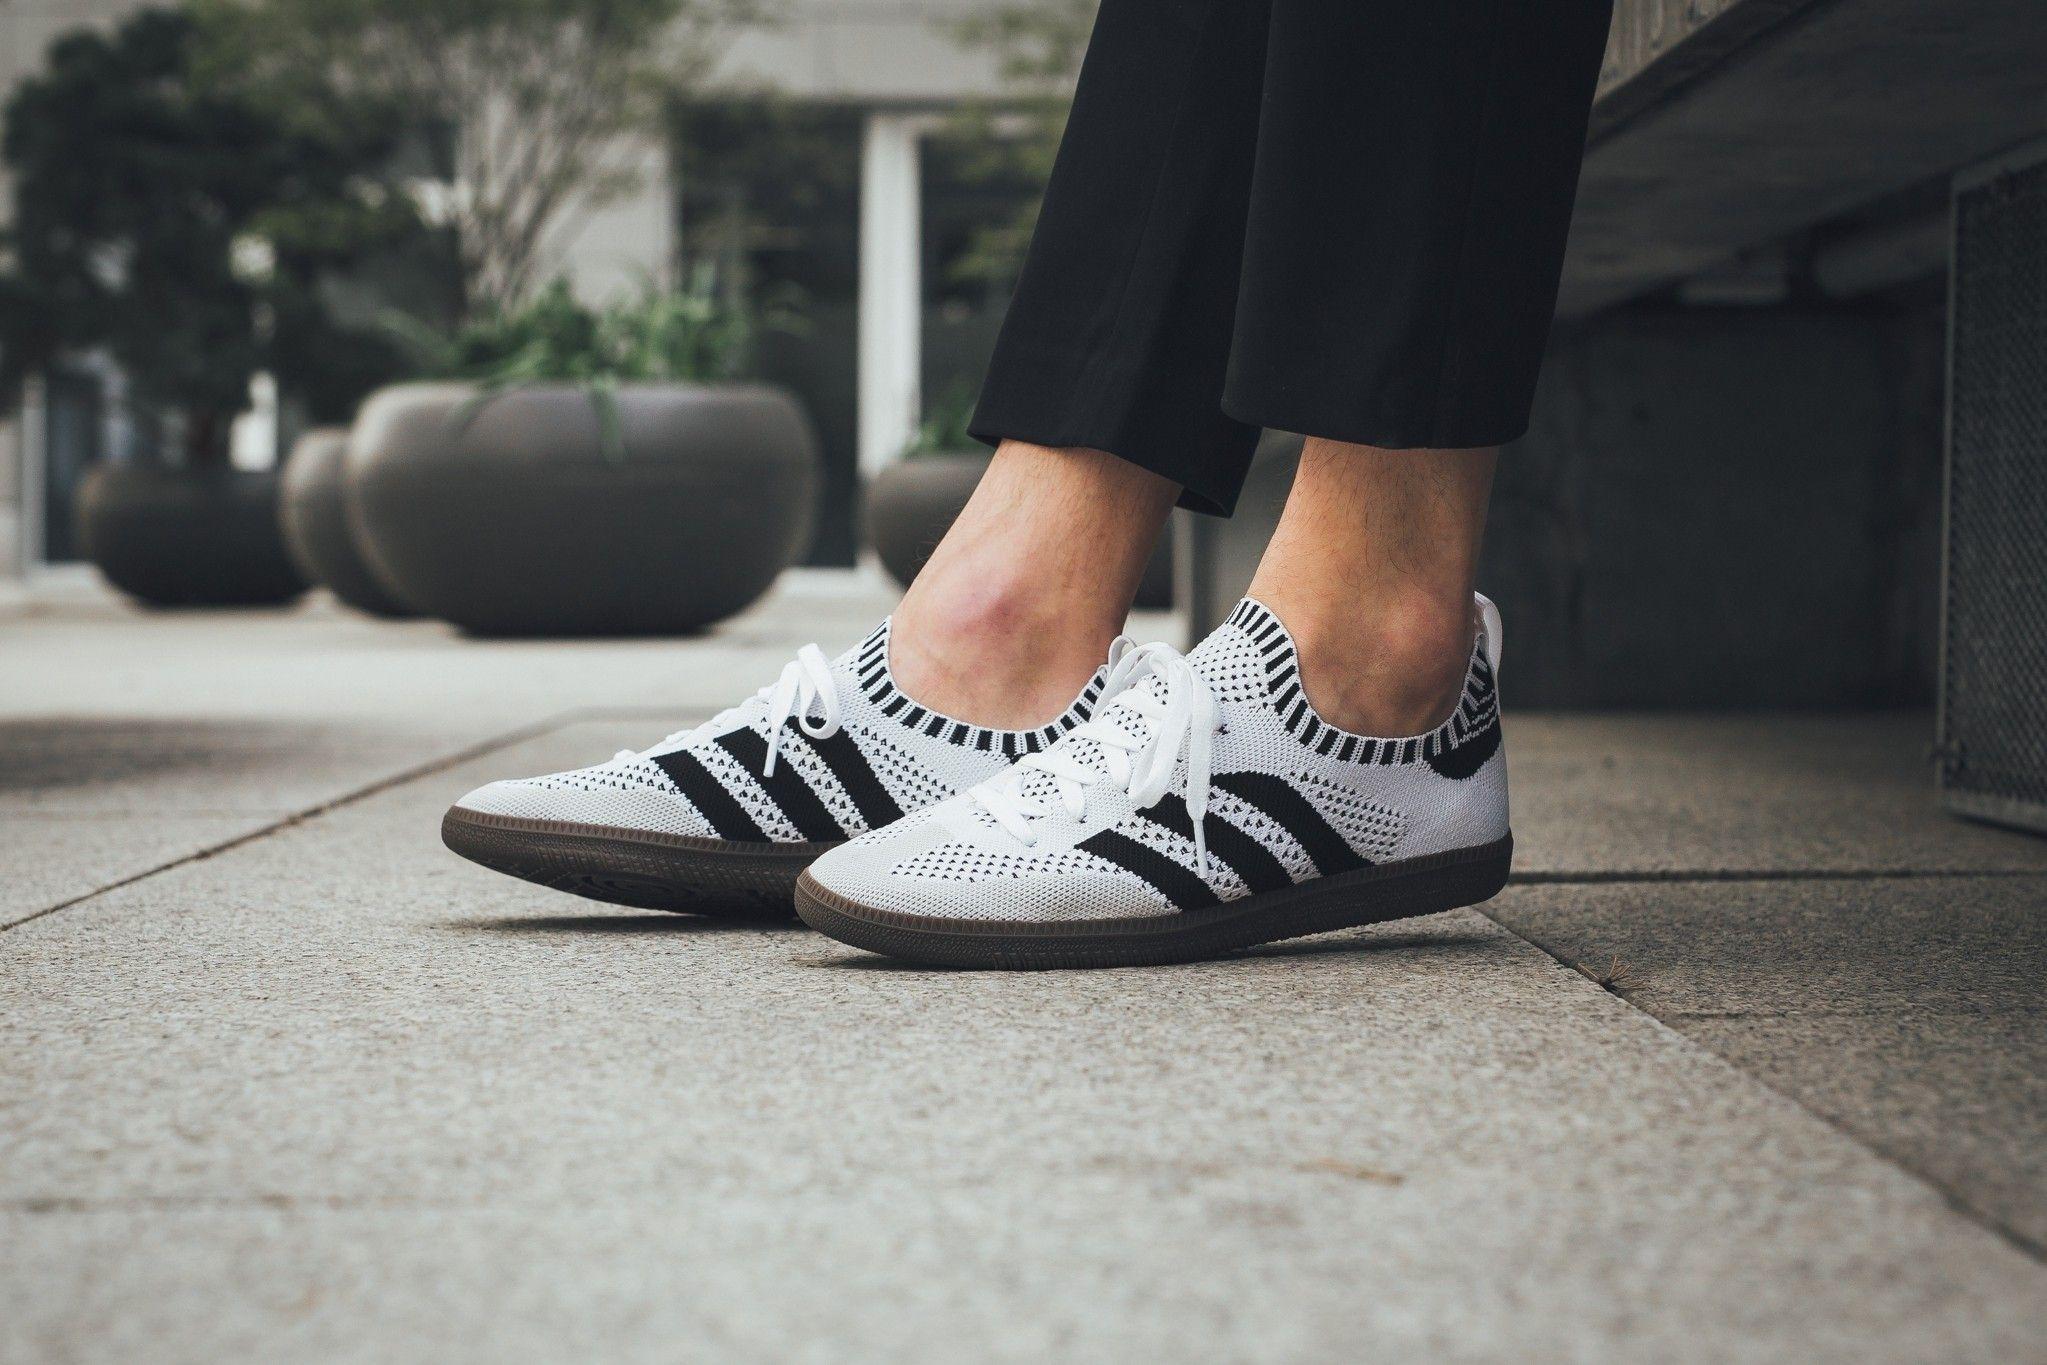 adidas Originals Samba Schuh Sneaker Lederschuhe Weiß